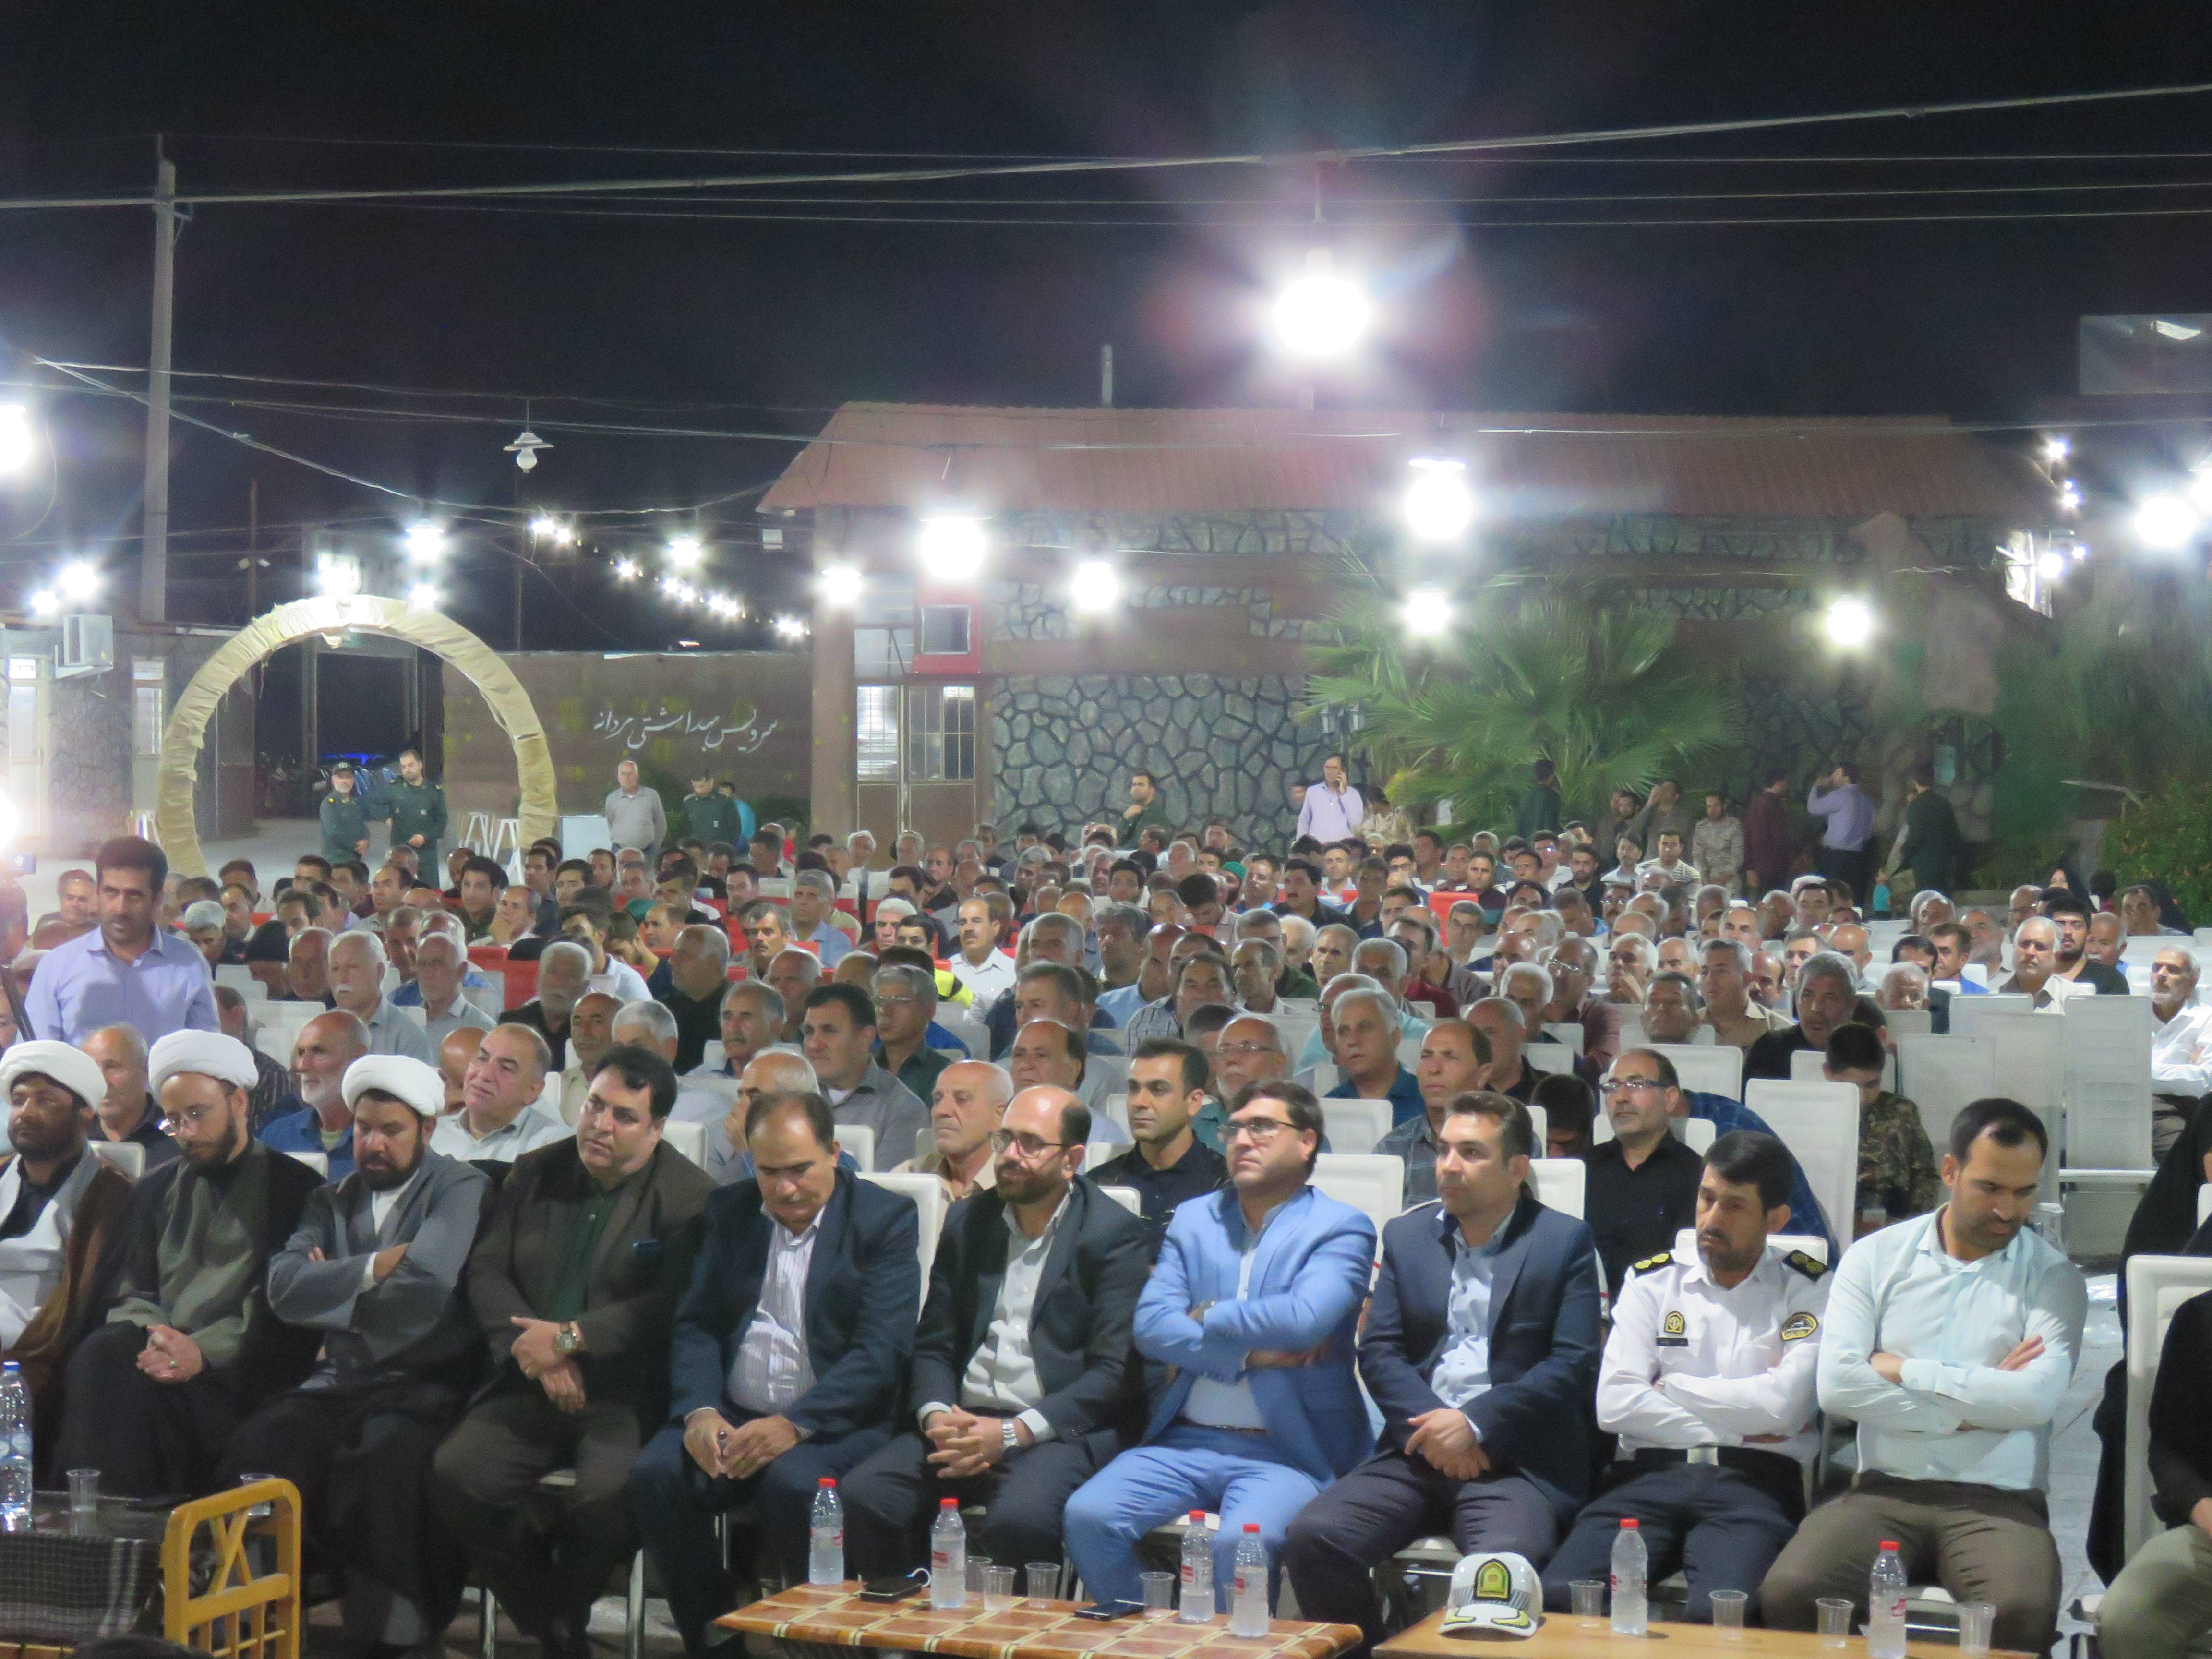 همایش بزرگ نکوداشت رزمندگان هشت سال دفاع مقدس در فراشبند برگزار شد+تصاویر